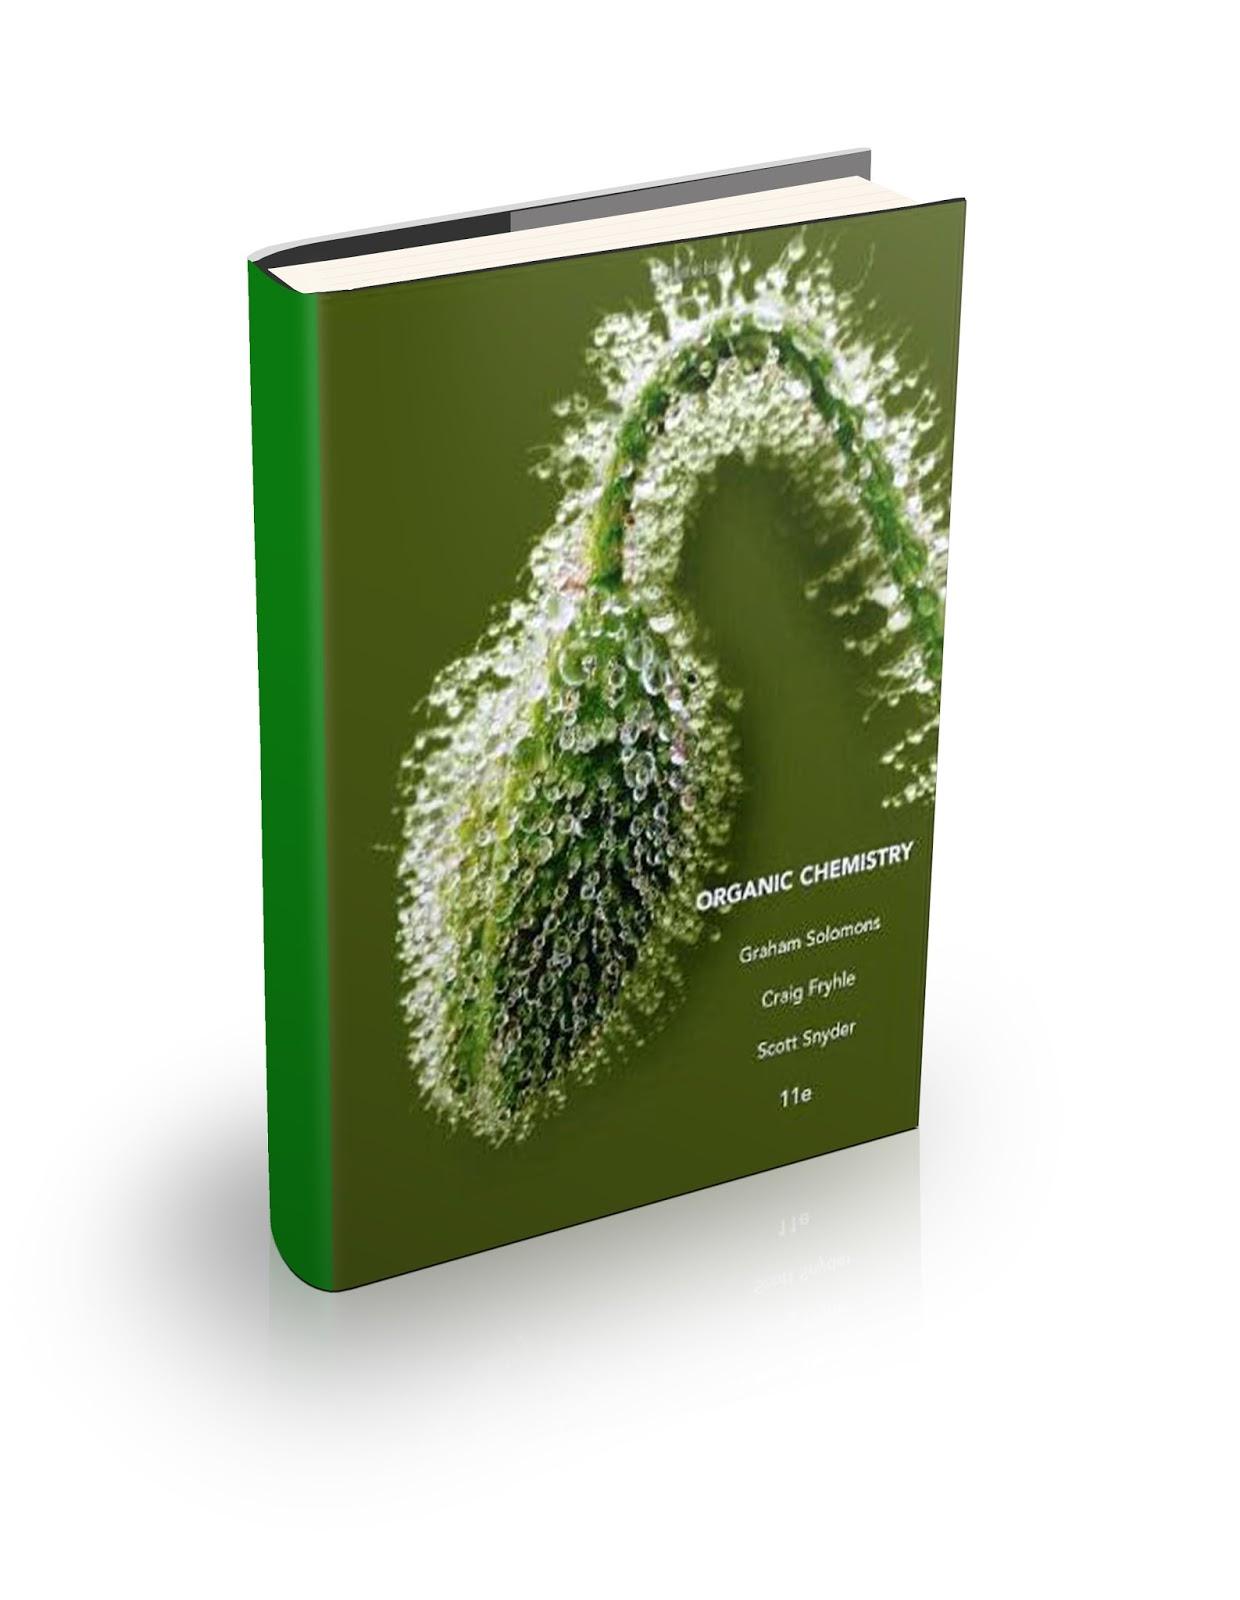 Janice organic gorzynski pdf chemistry smith